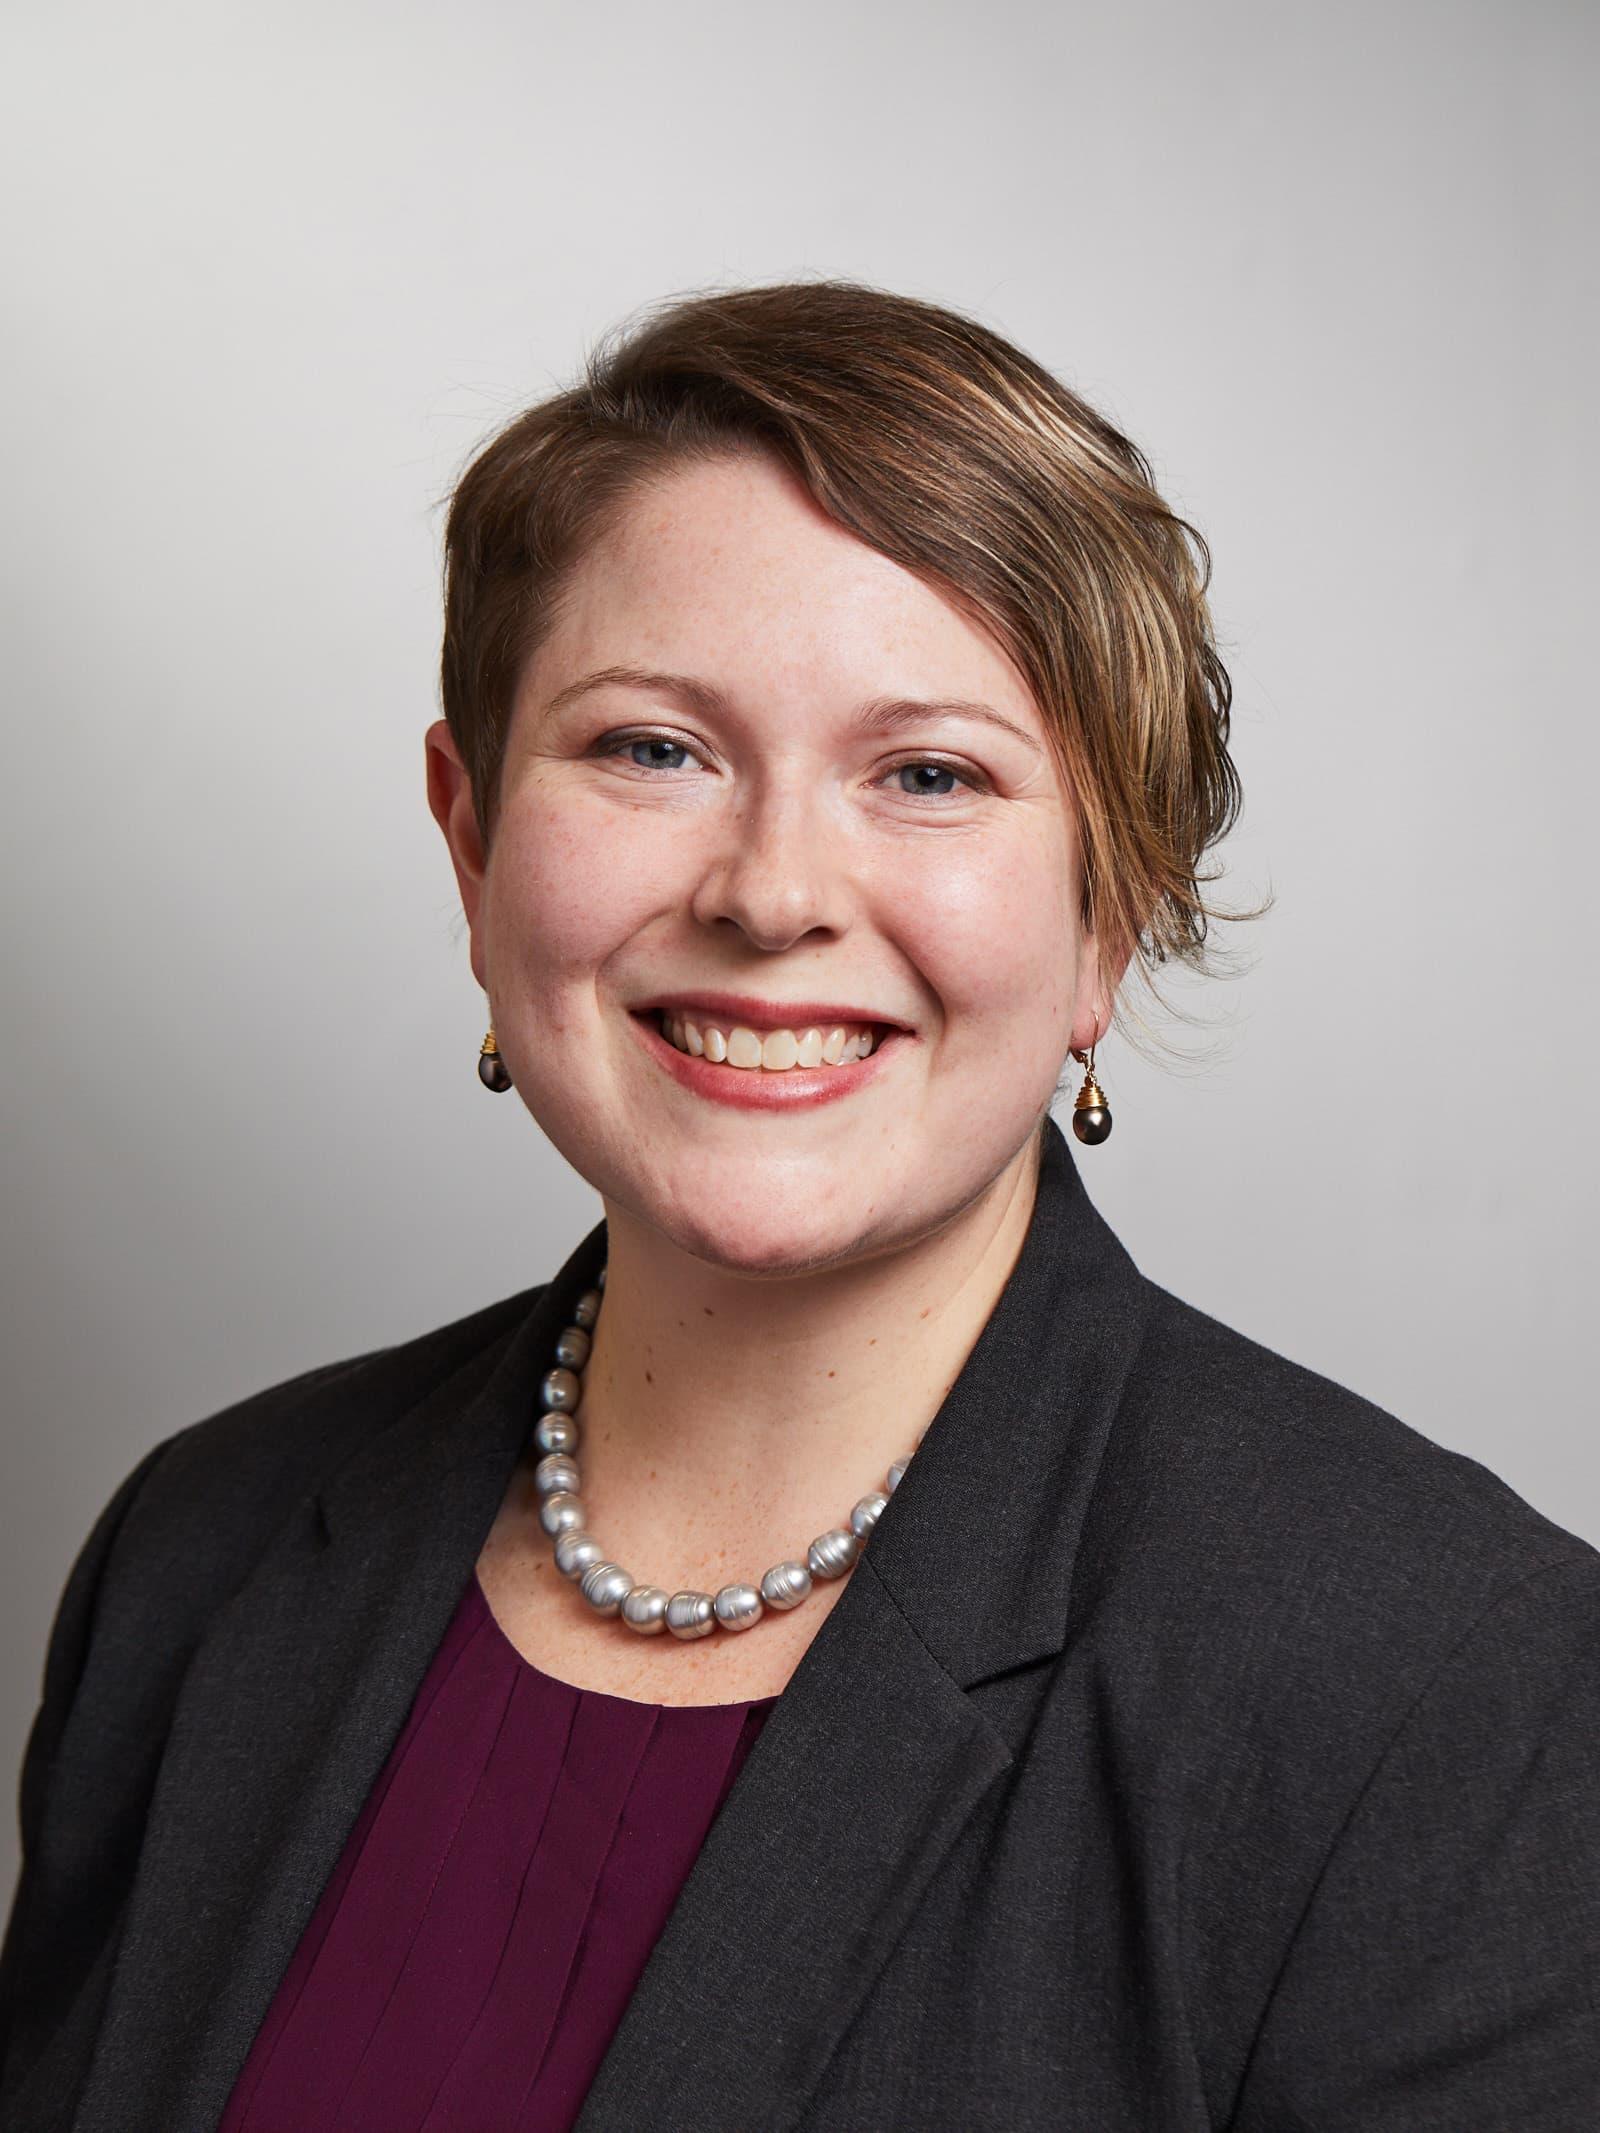 Amanda Zubek